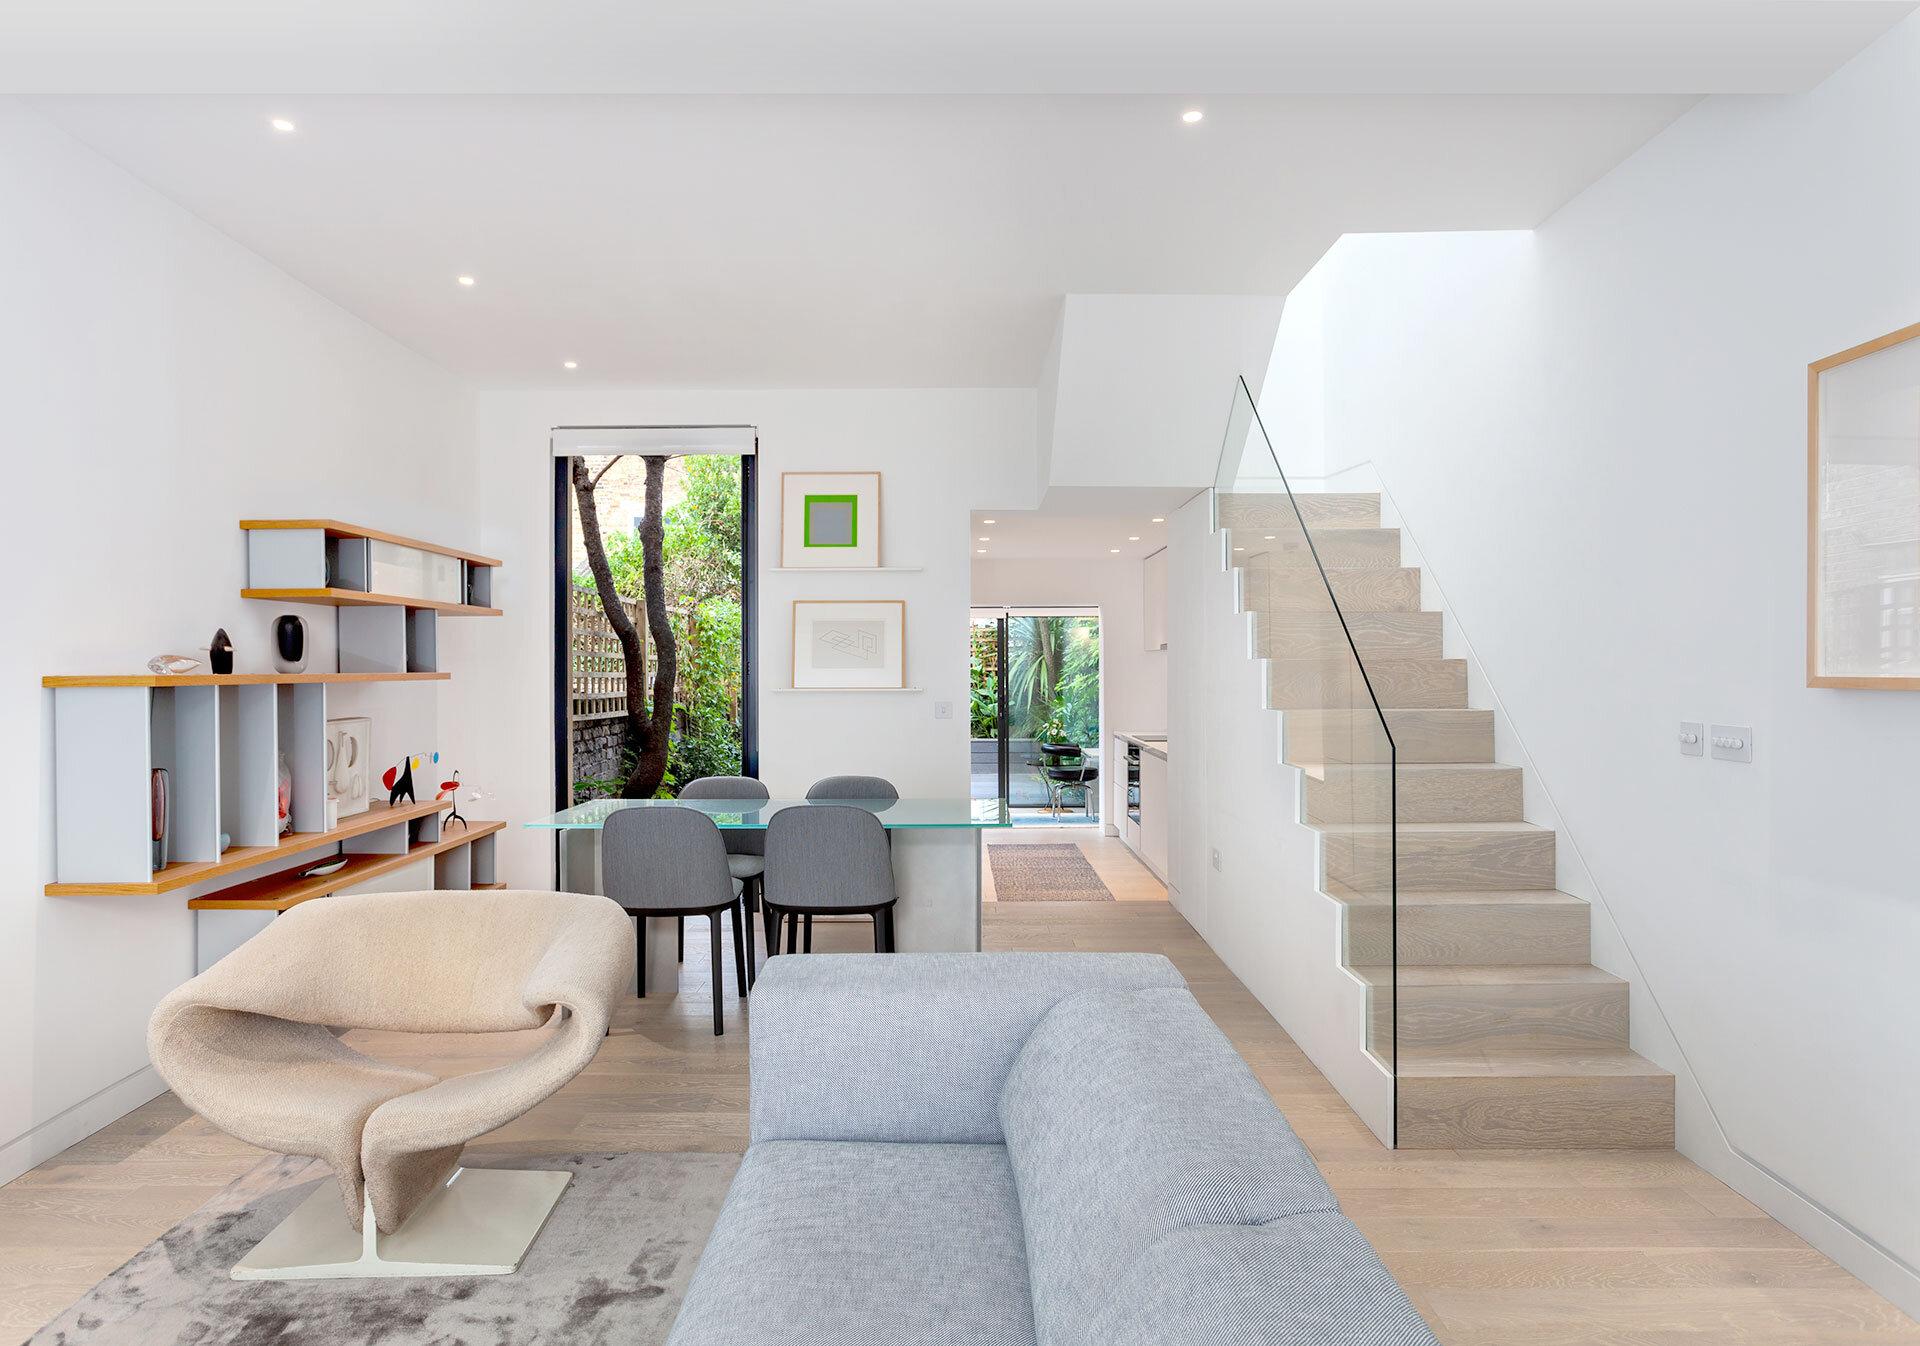 Design & Build Contractors in London